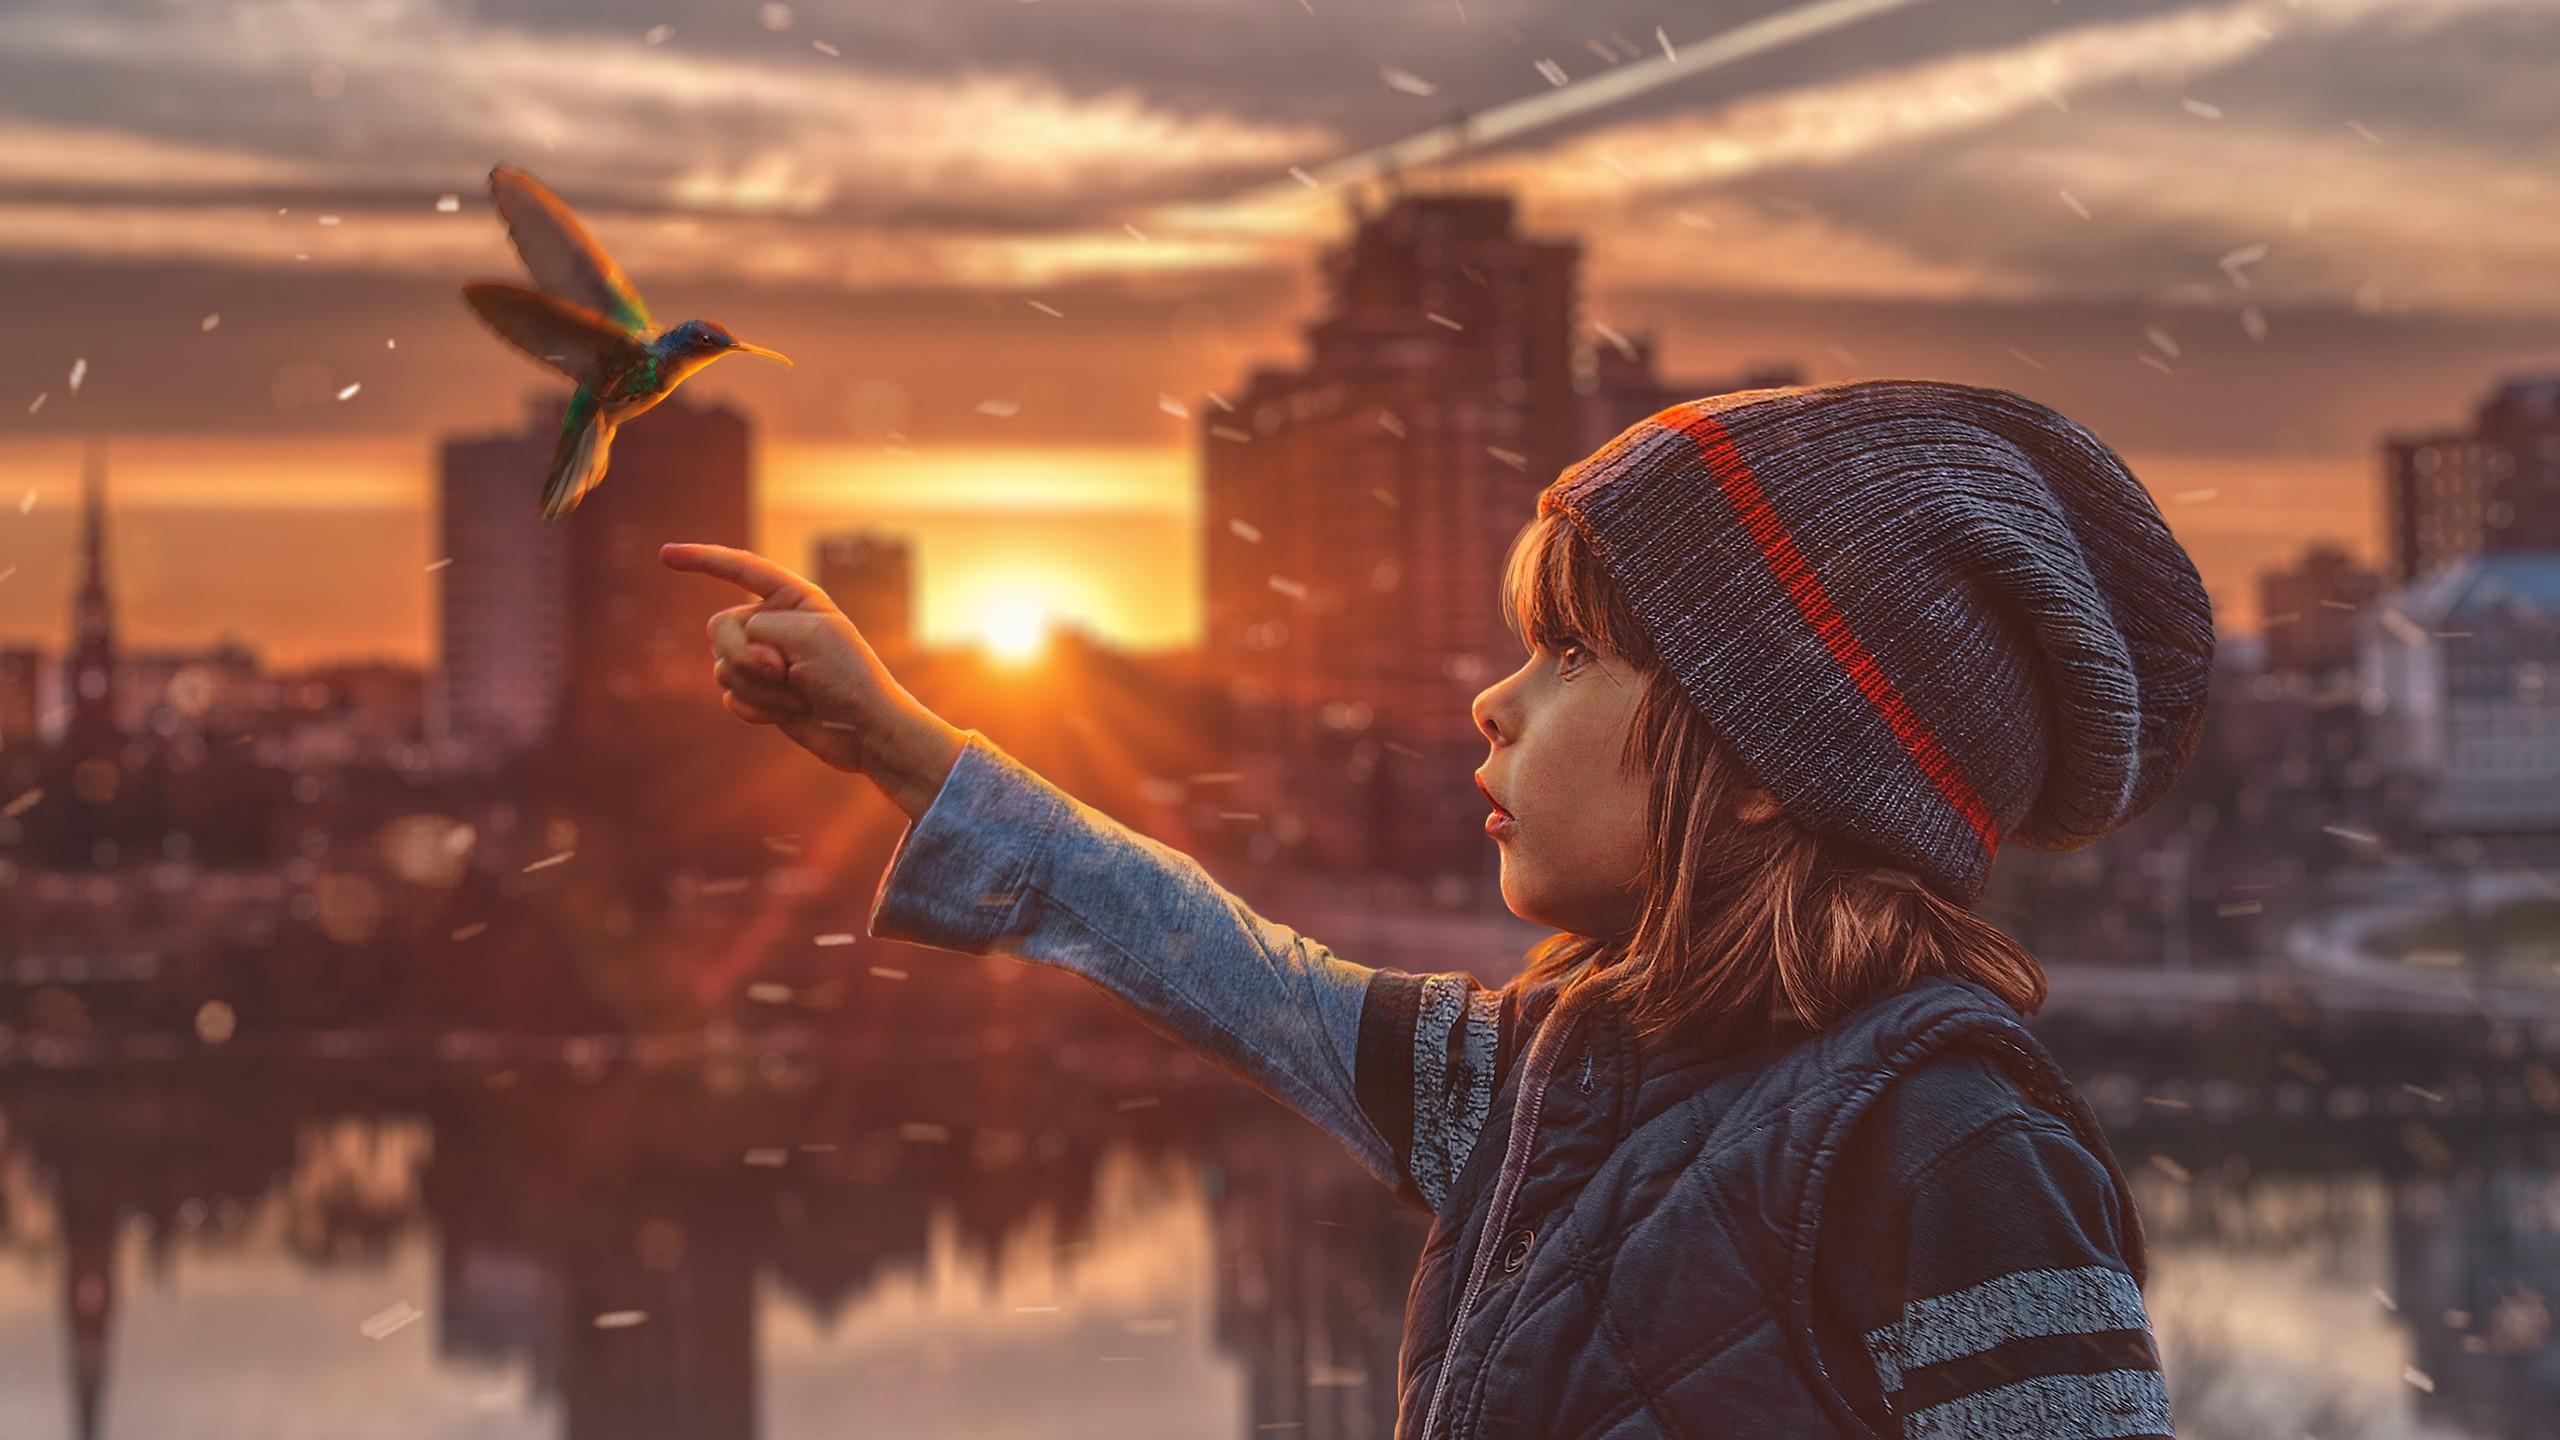 2560x1024 Hd Wallpaper Hummingbird Child Dream Wallpapers Hd Wallpapers Id 28160